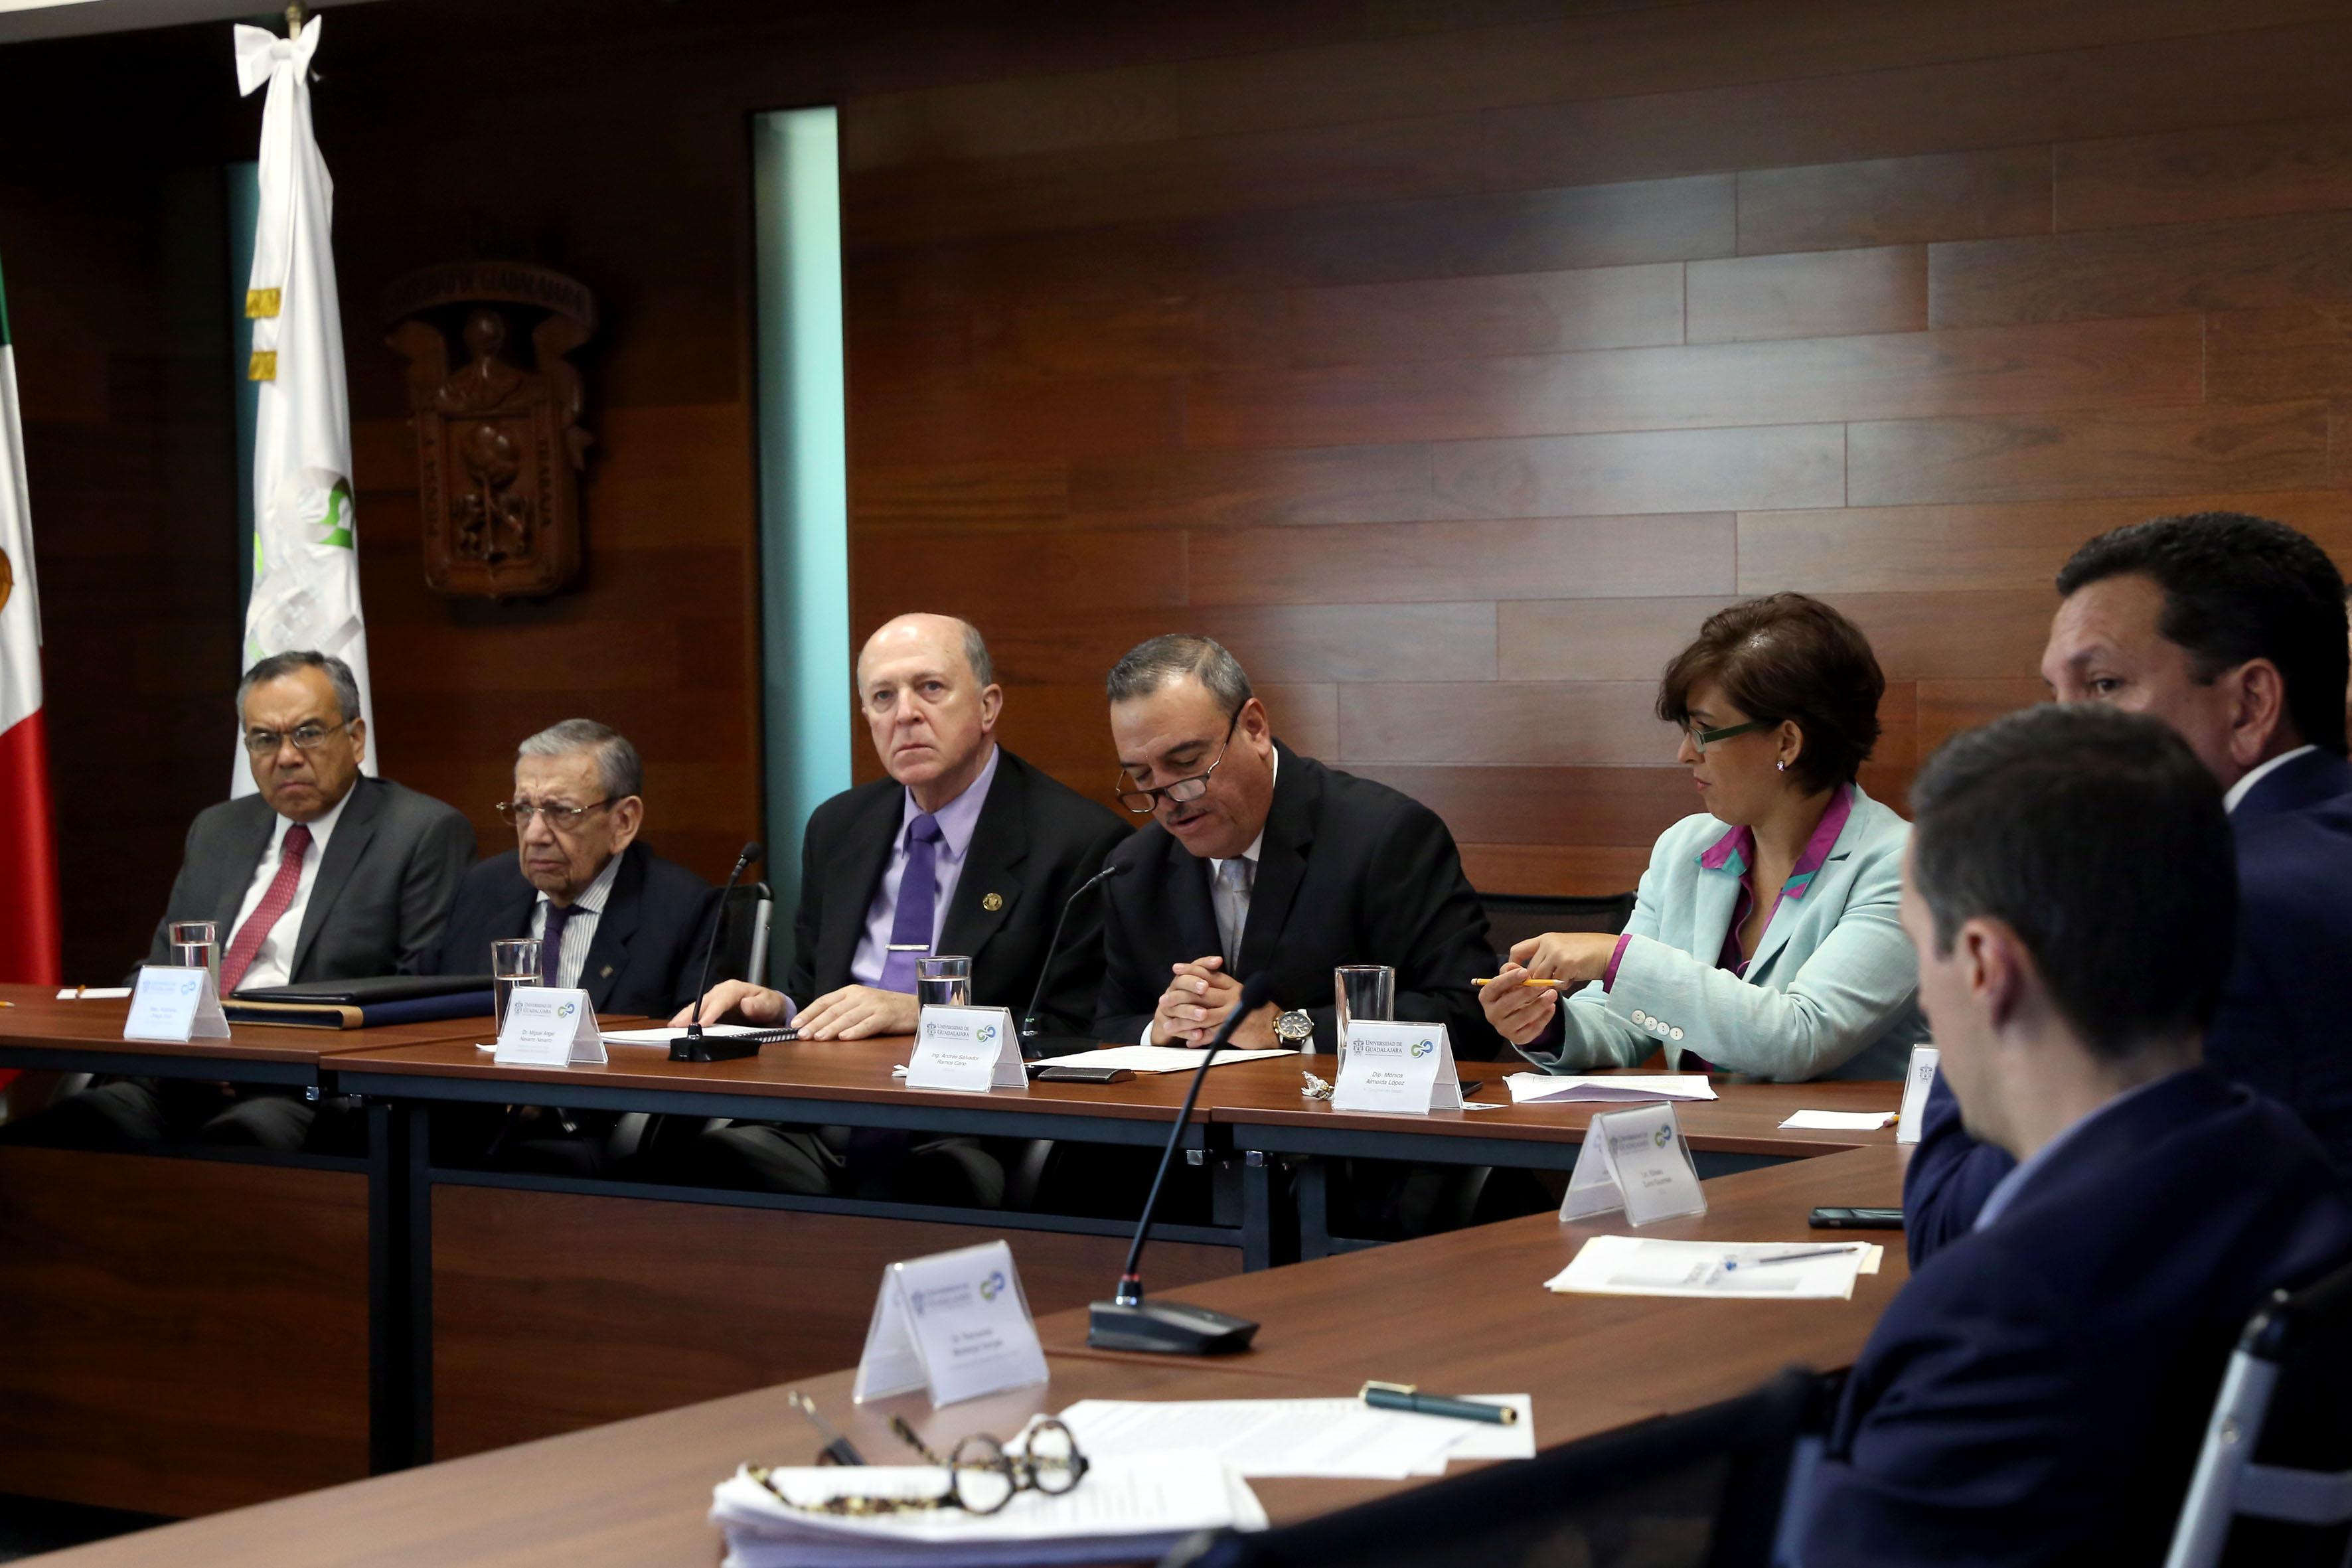 Autoridades representantes de la Universidad de Guadalajara y del Consejo Económico y Social para el Desarrollo y Competitividad del Estado de Jalisco (Cesjal), participando en conferencia magistral.